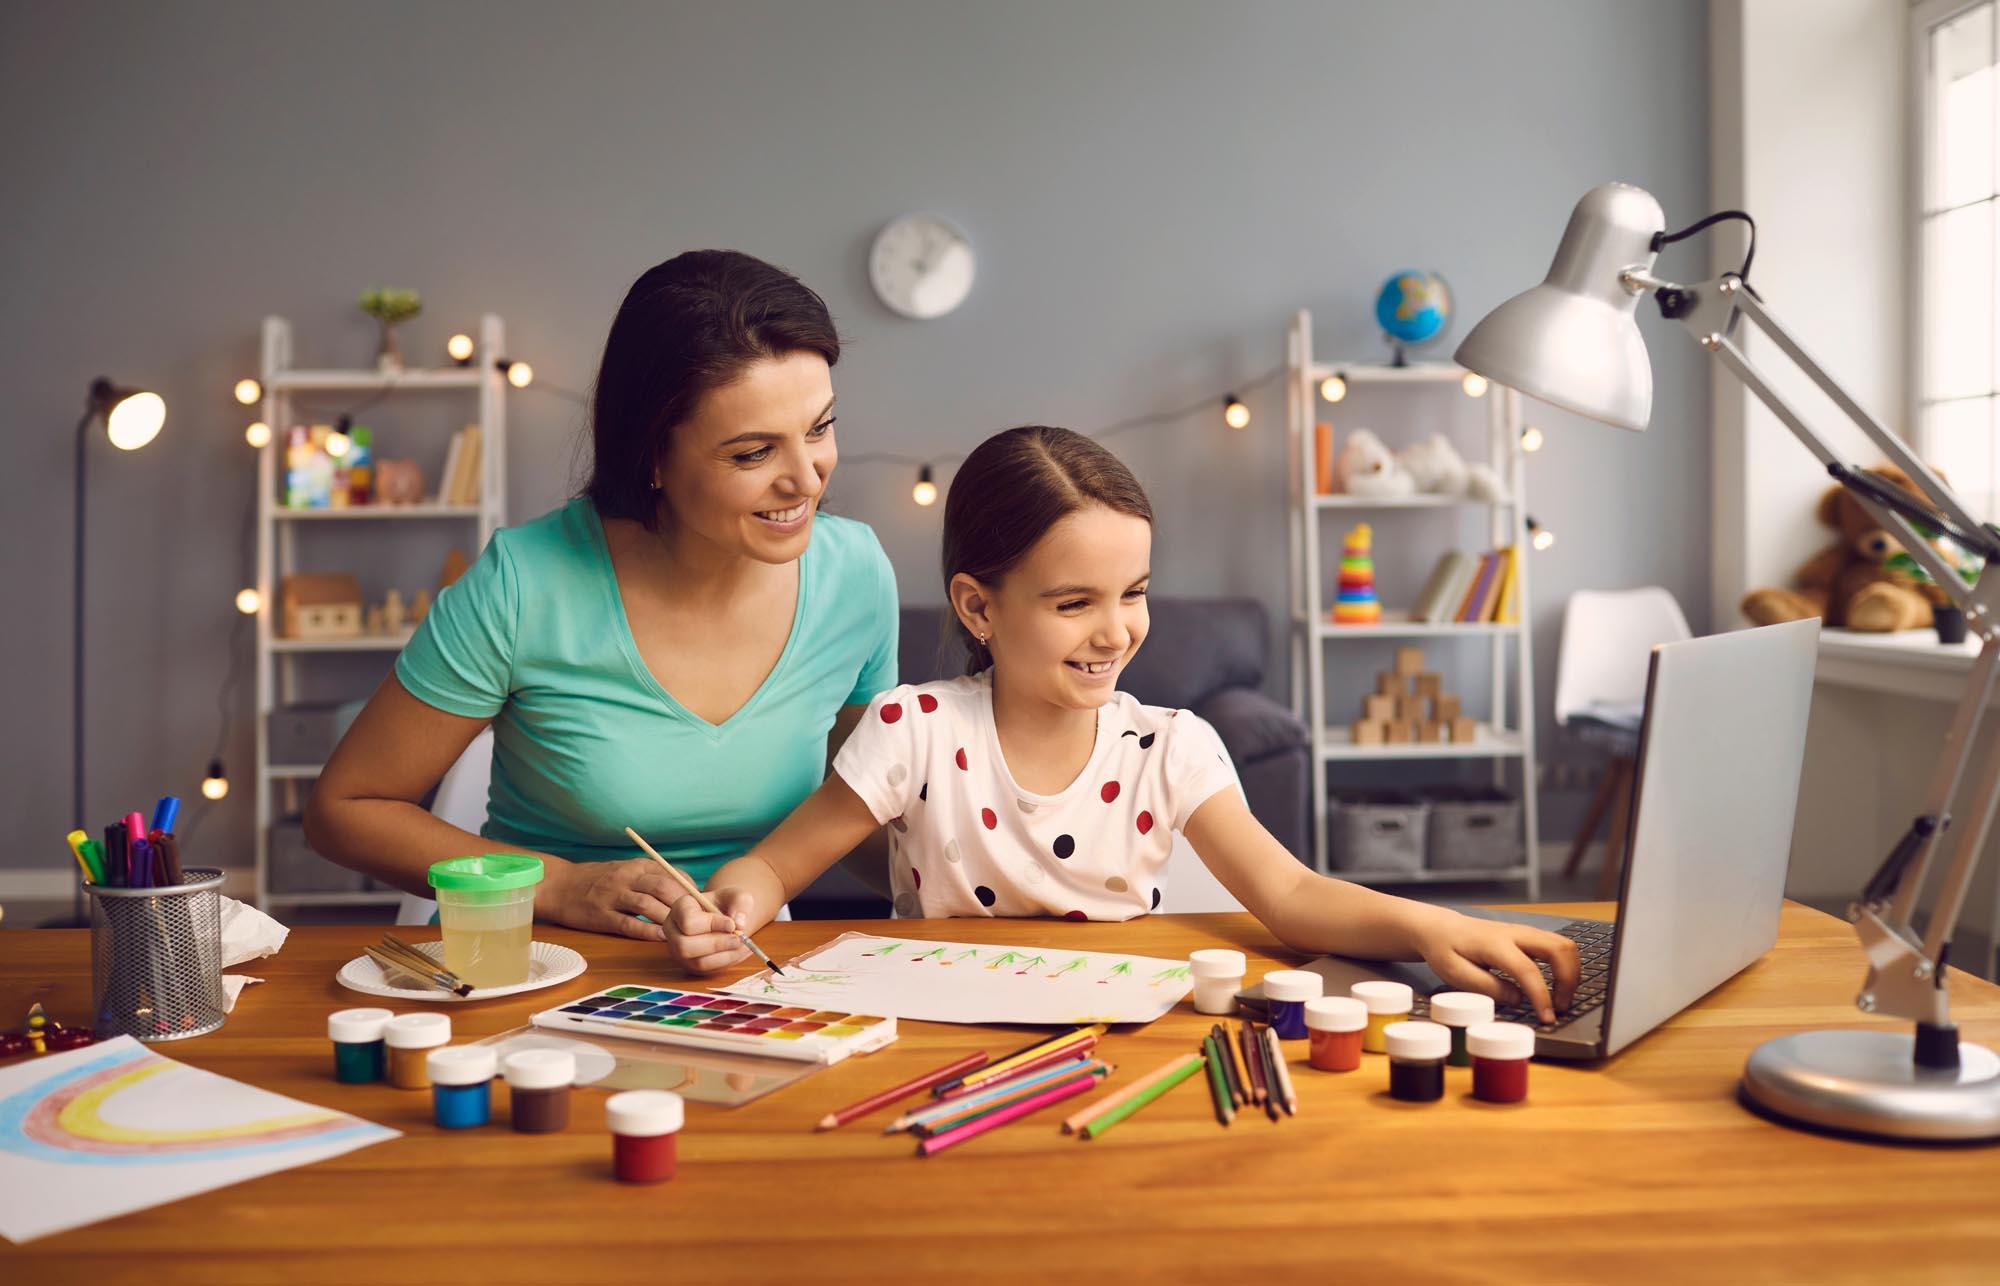 ¿Qué rol deben cumplir los padres durante las clases online?